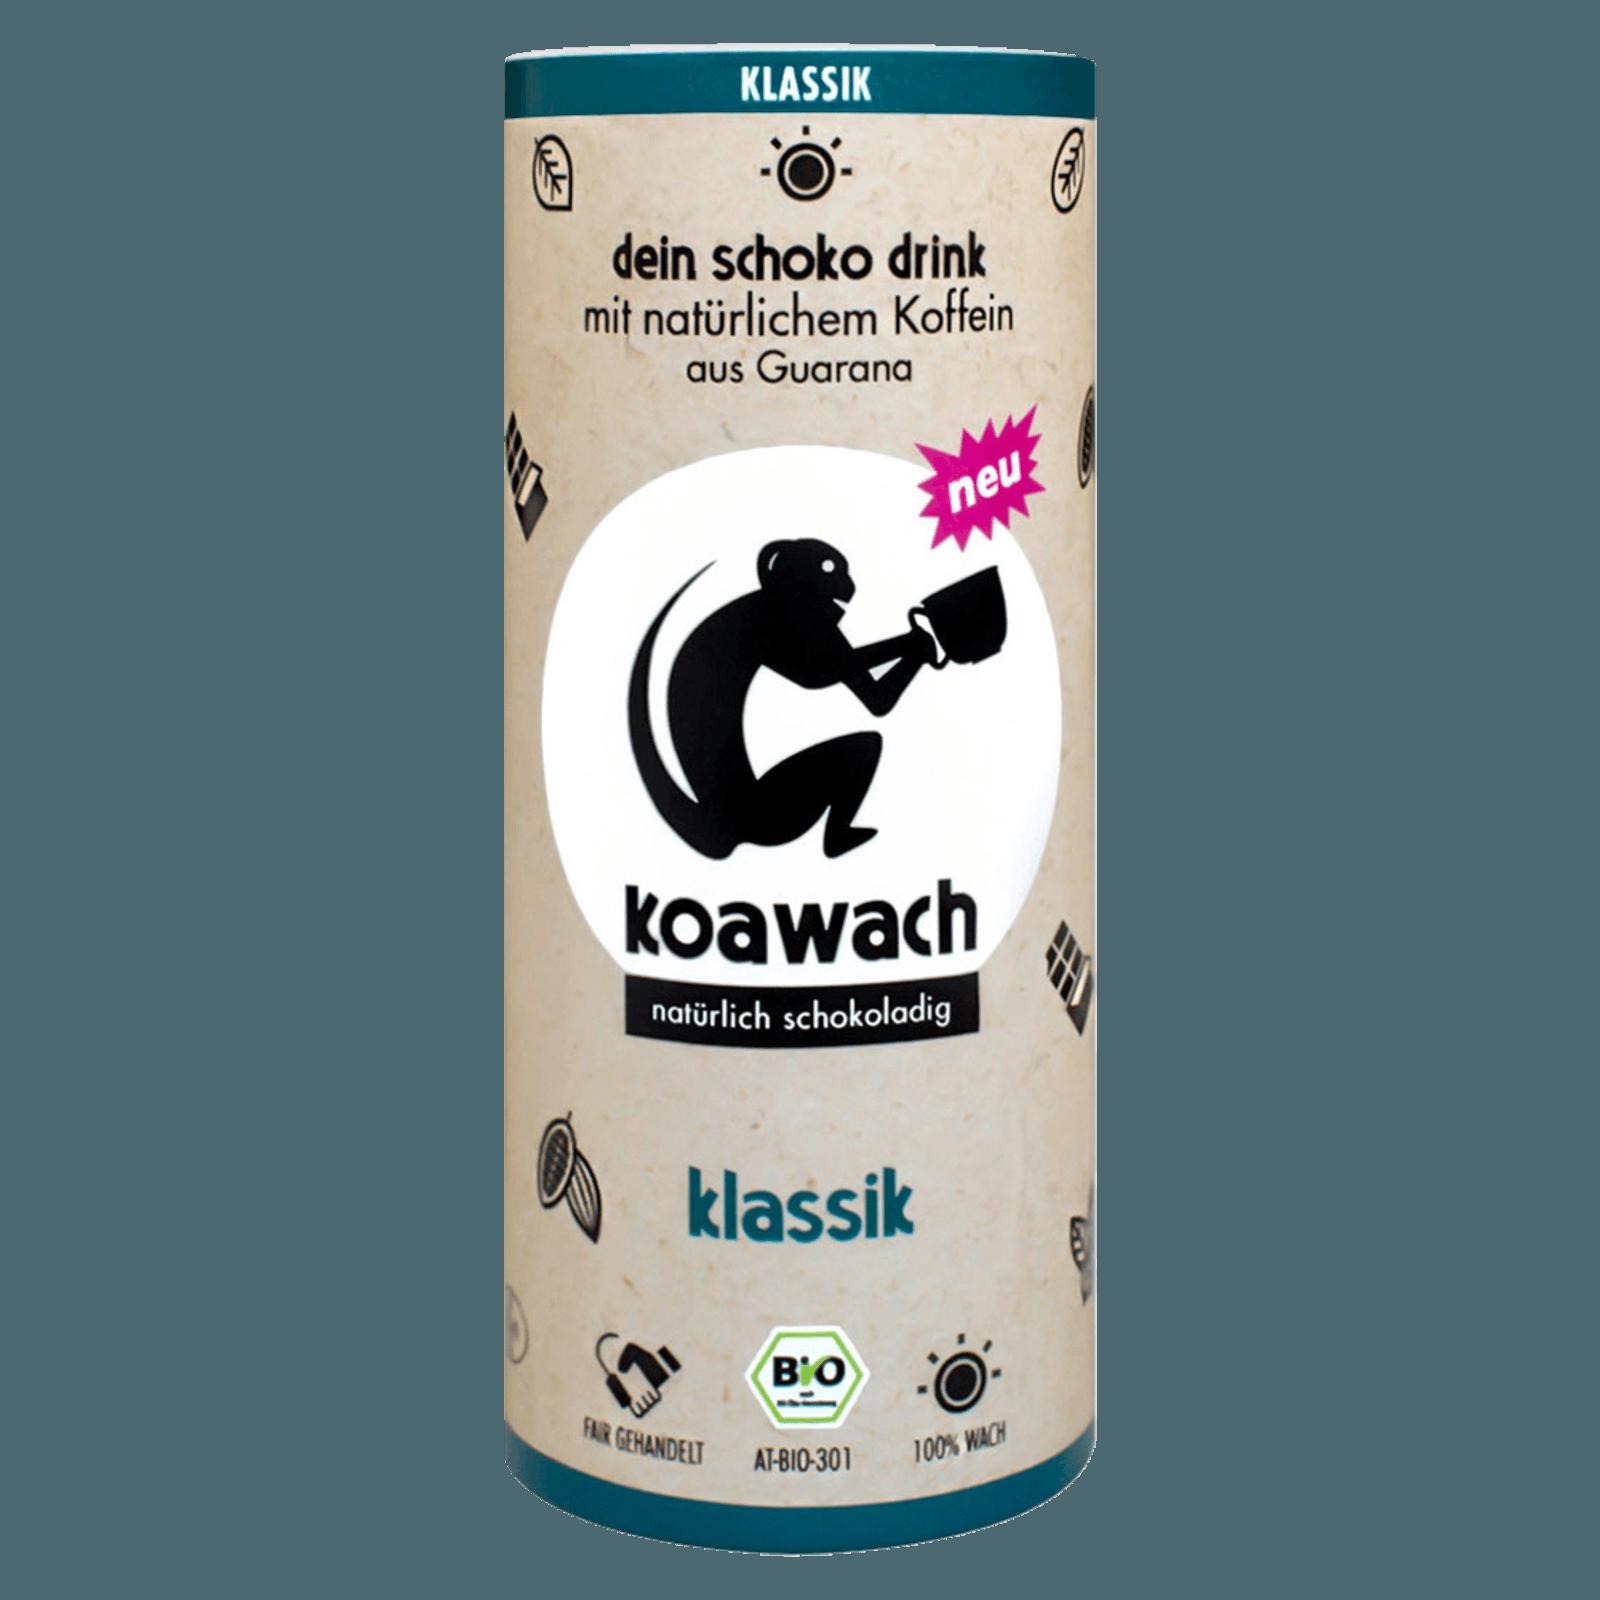 Koawach Kakaodrink Klassik 235ml